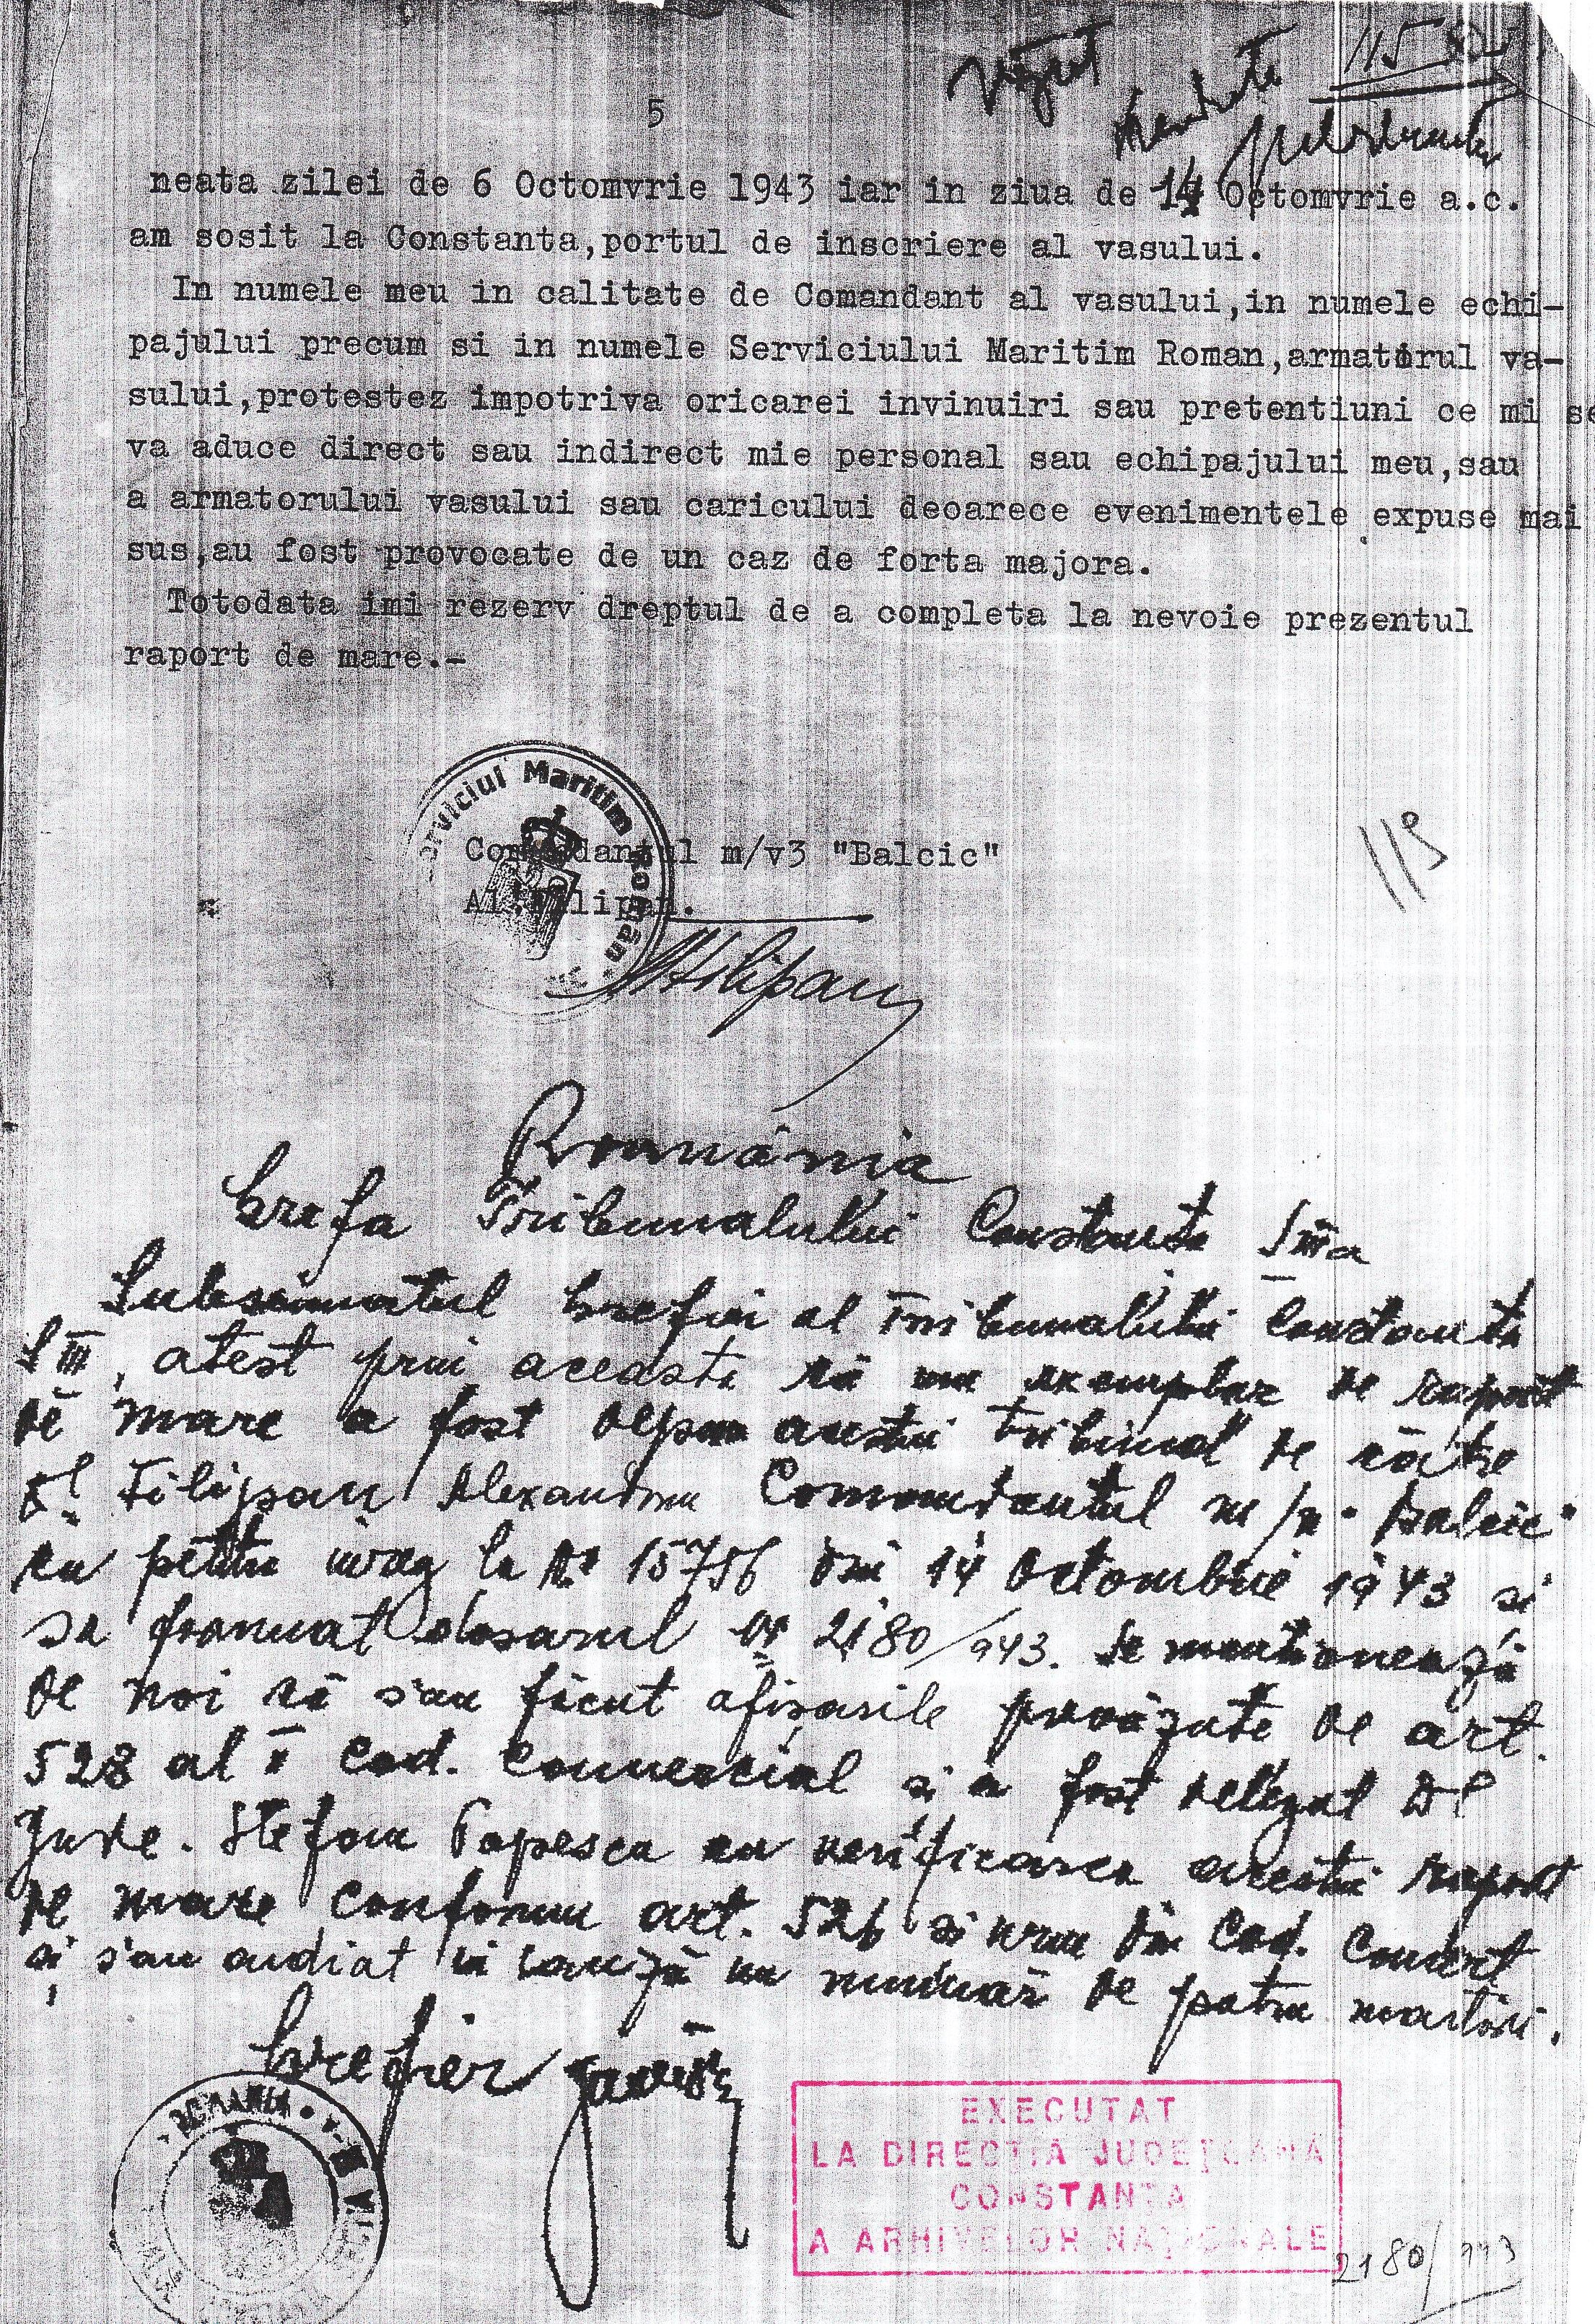 """Protestul de Mare , depus de Alexandru Filipan, comandantul navei """"Balcic"""" (ultima pagină)."""